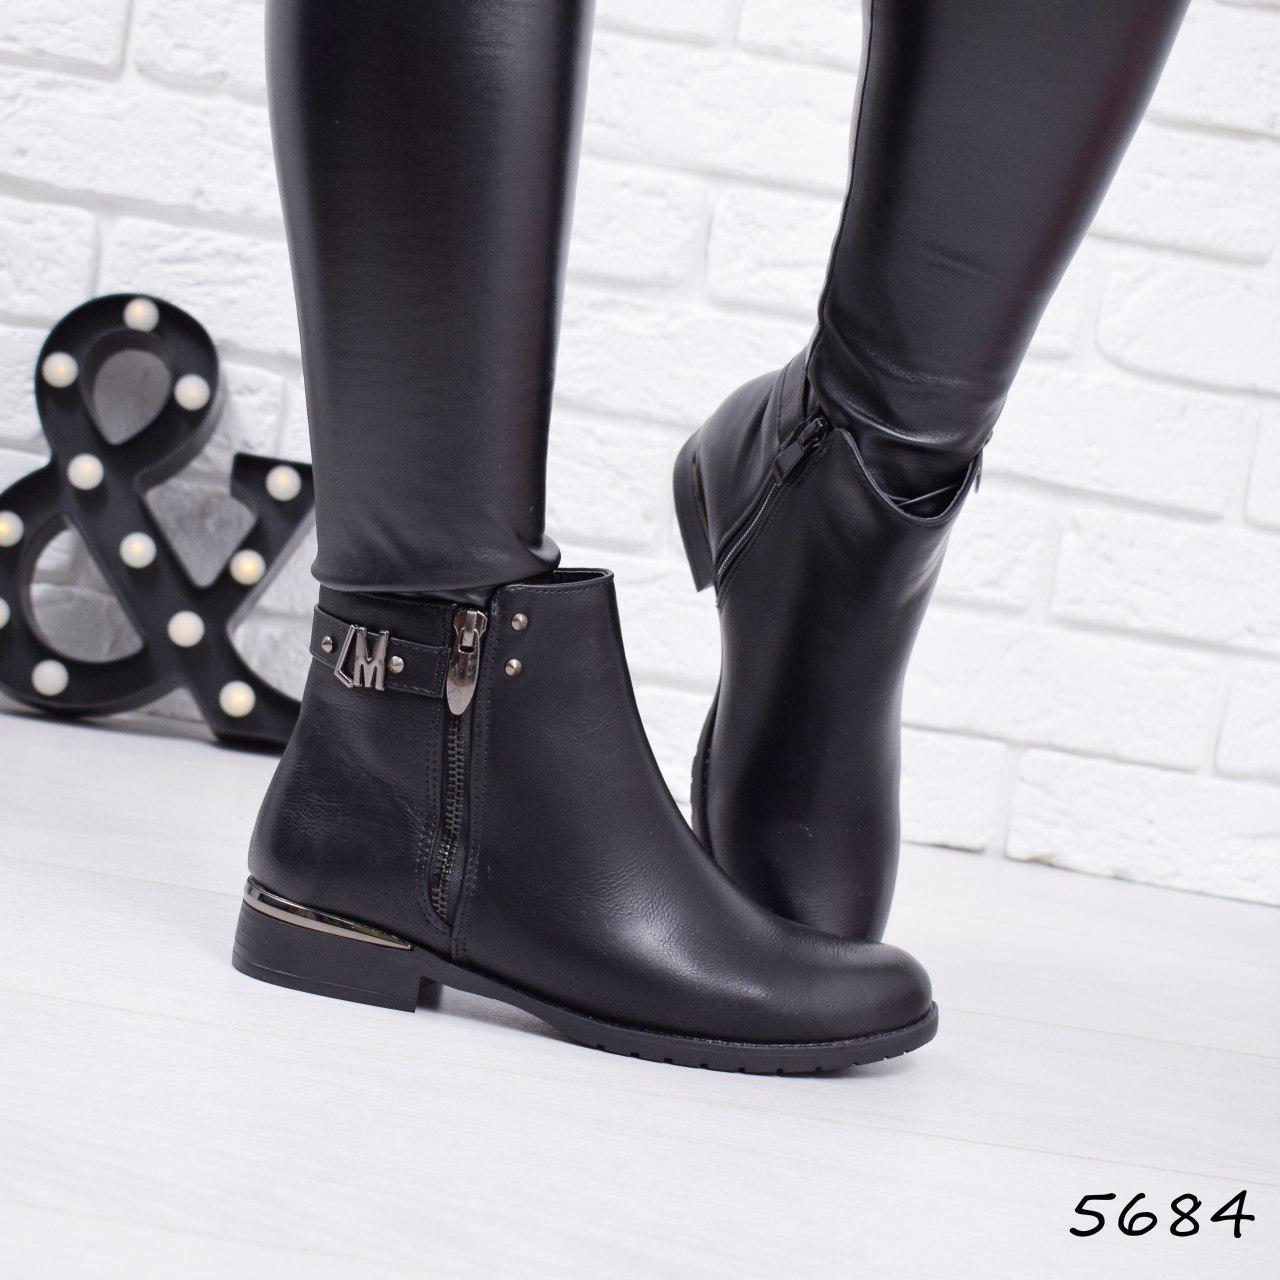 """Ботинки, ботильоны черные """"Furlux"""" эко кожа, повседневная, демисезонная, осенняя, женская обувь"""